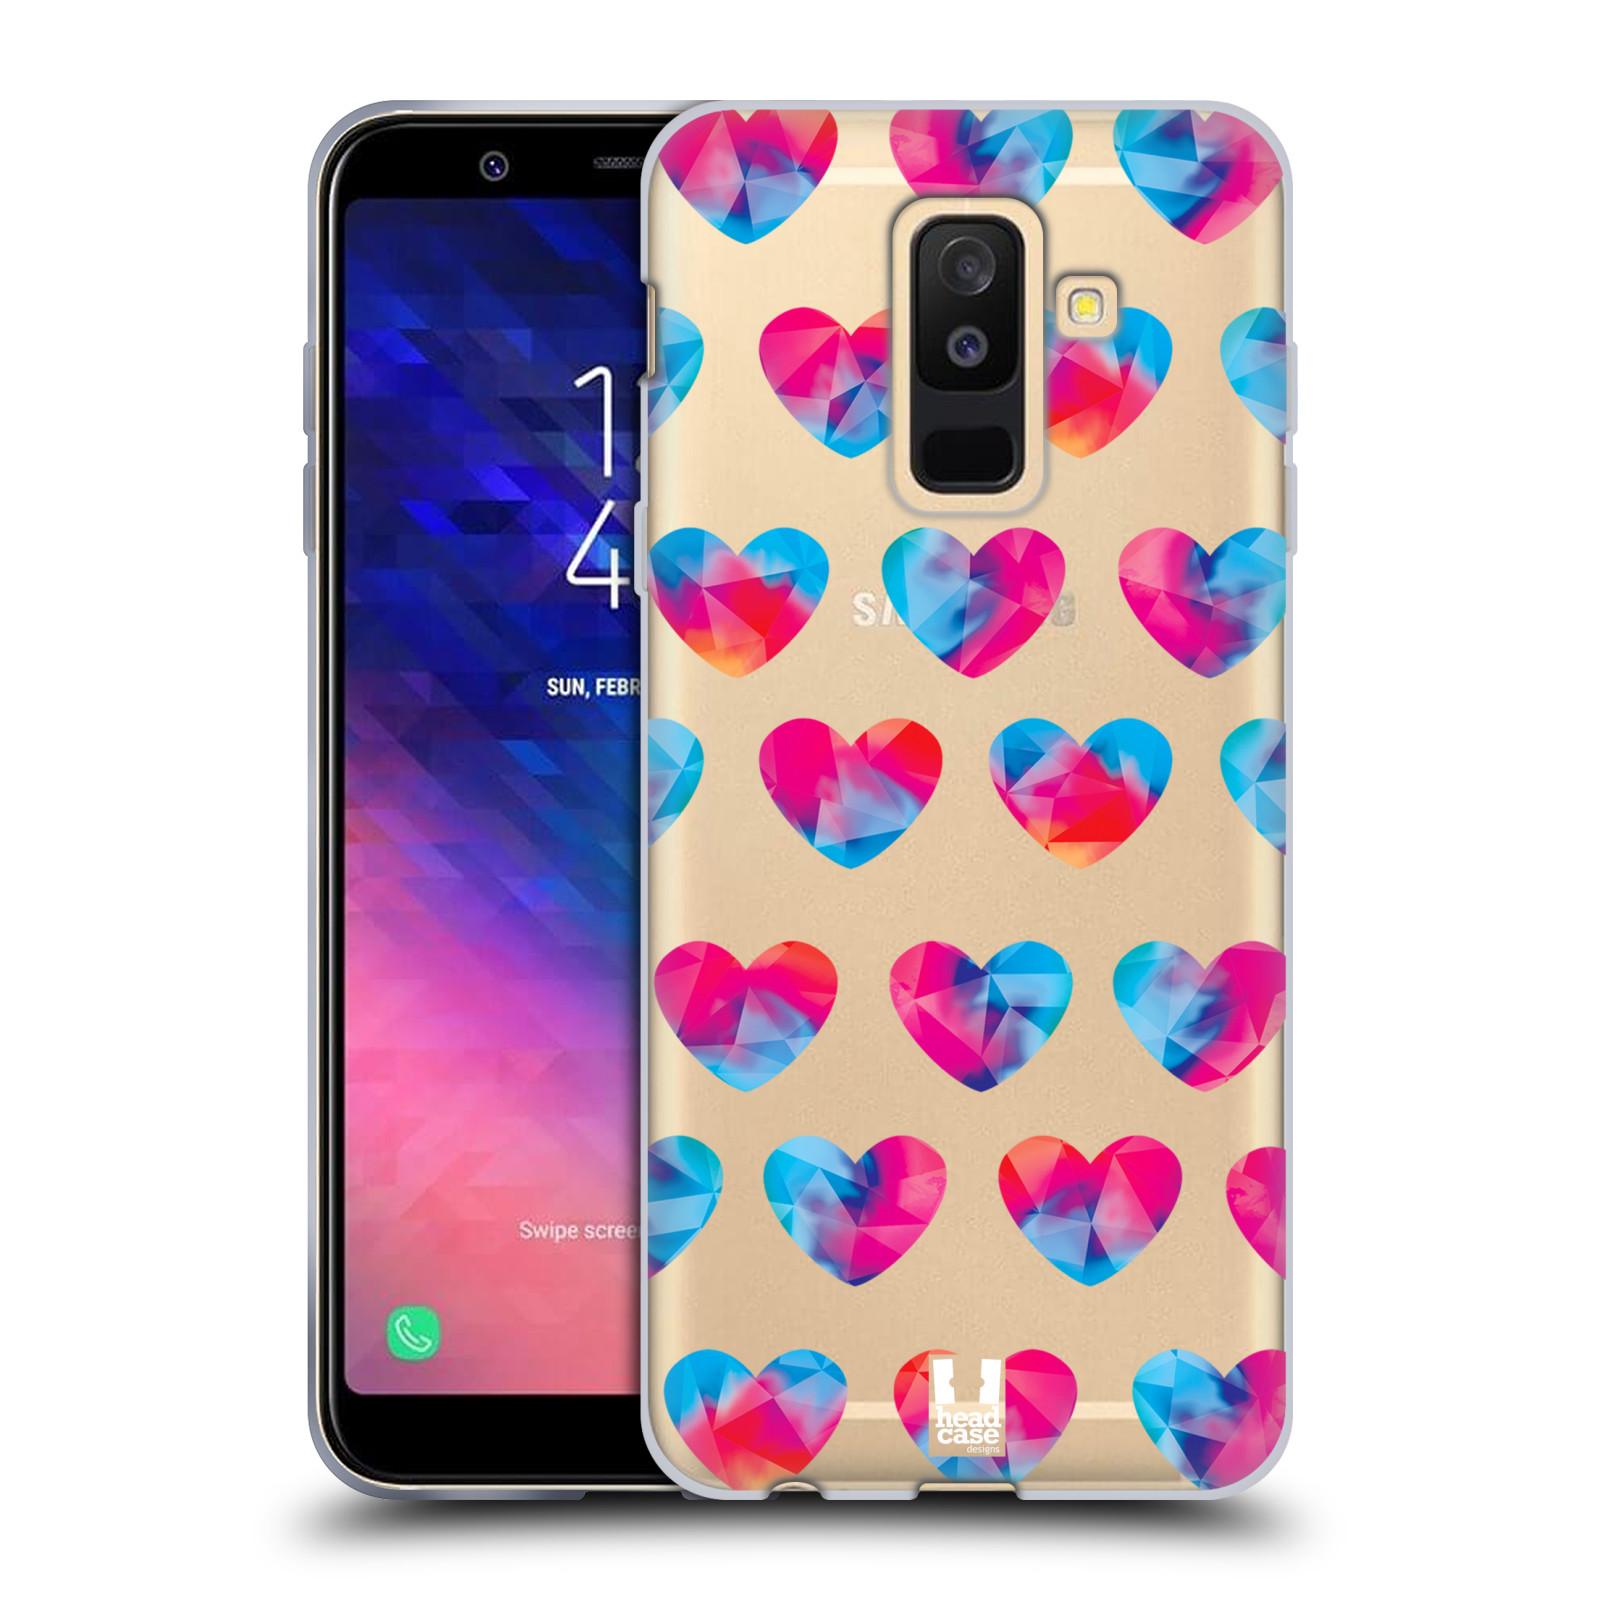 Silikonové pouzdro na mobil Samsung Galaxy A6 Plus (2018) - Head Case - Srdíčka hrající barvami